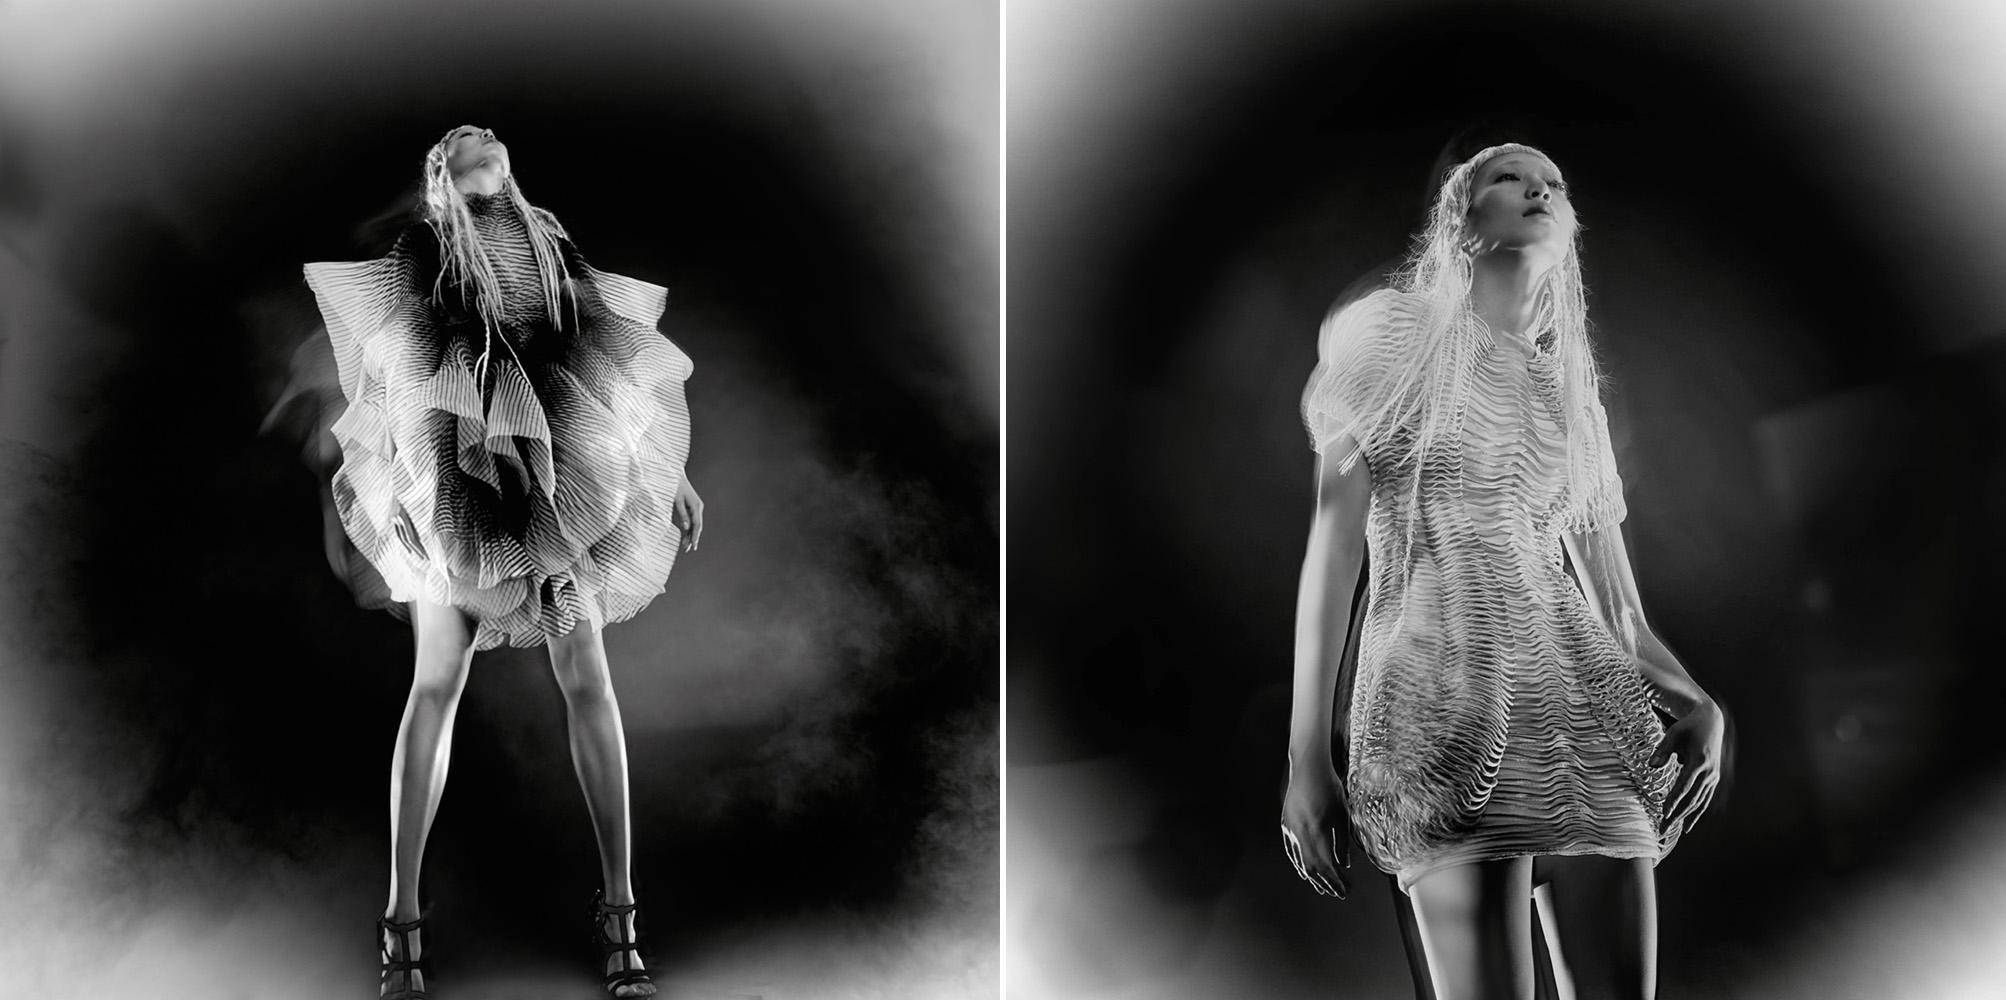 Retouching - Studio Invisible | Warren Du Preez & Nick Thornton Jones - Iris van Herpen